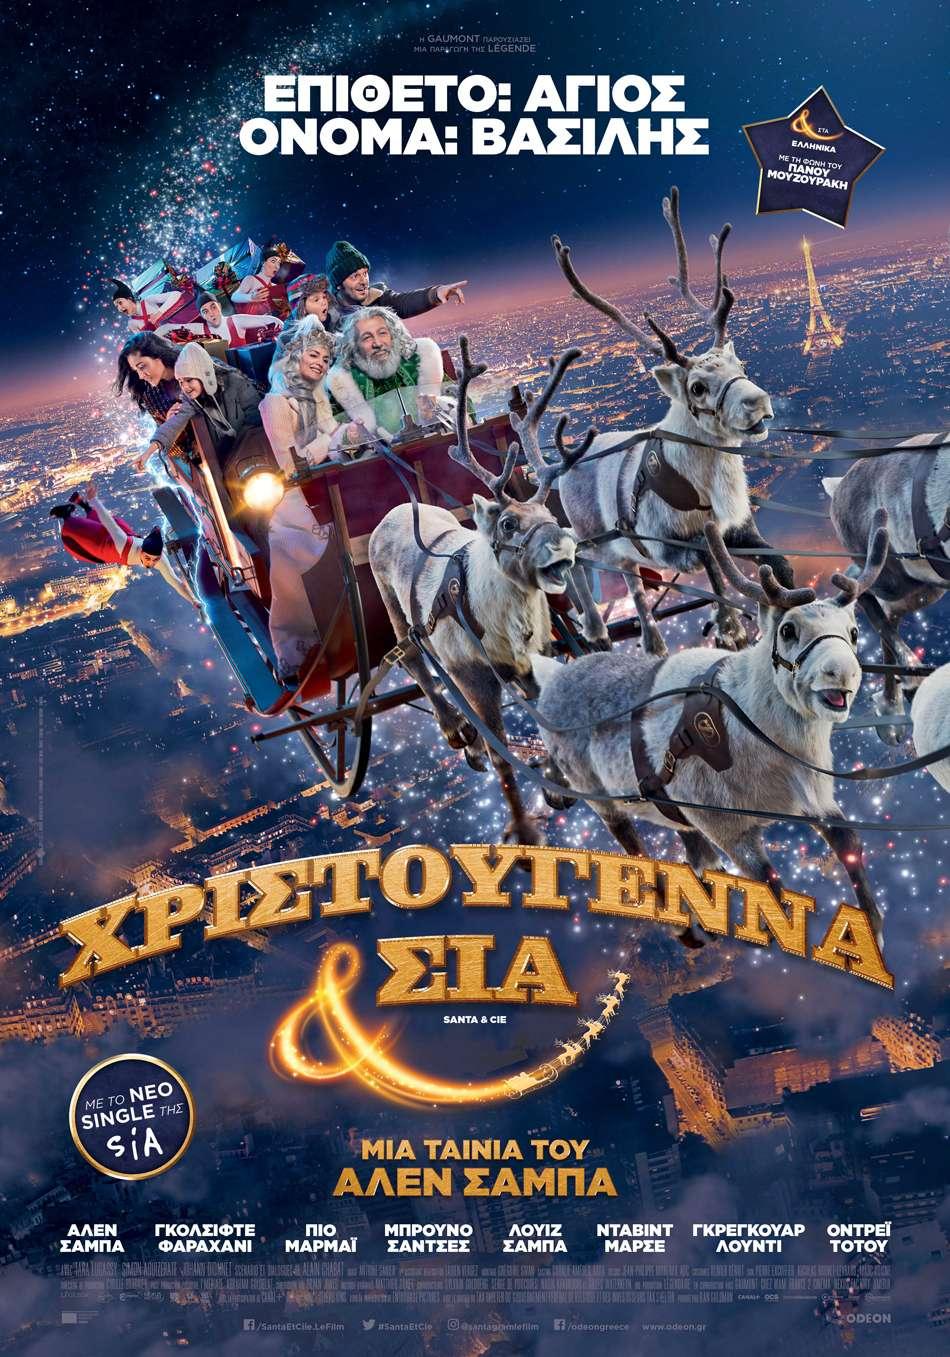 Χριστούγεννα & Σία (Santa & Cie) Poster